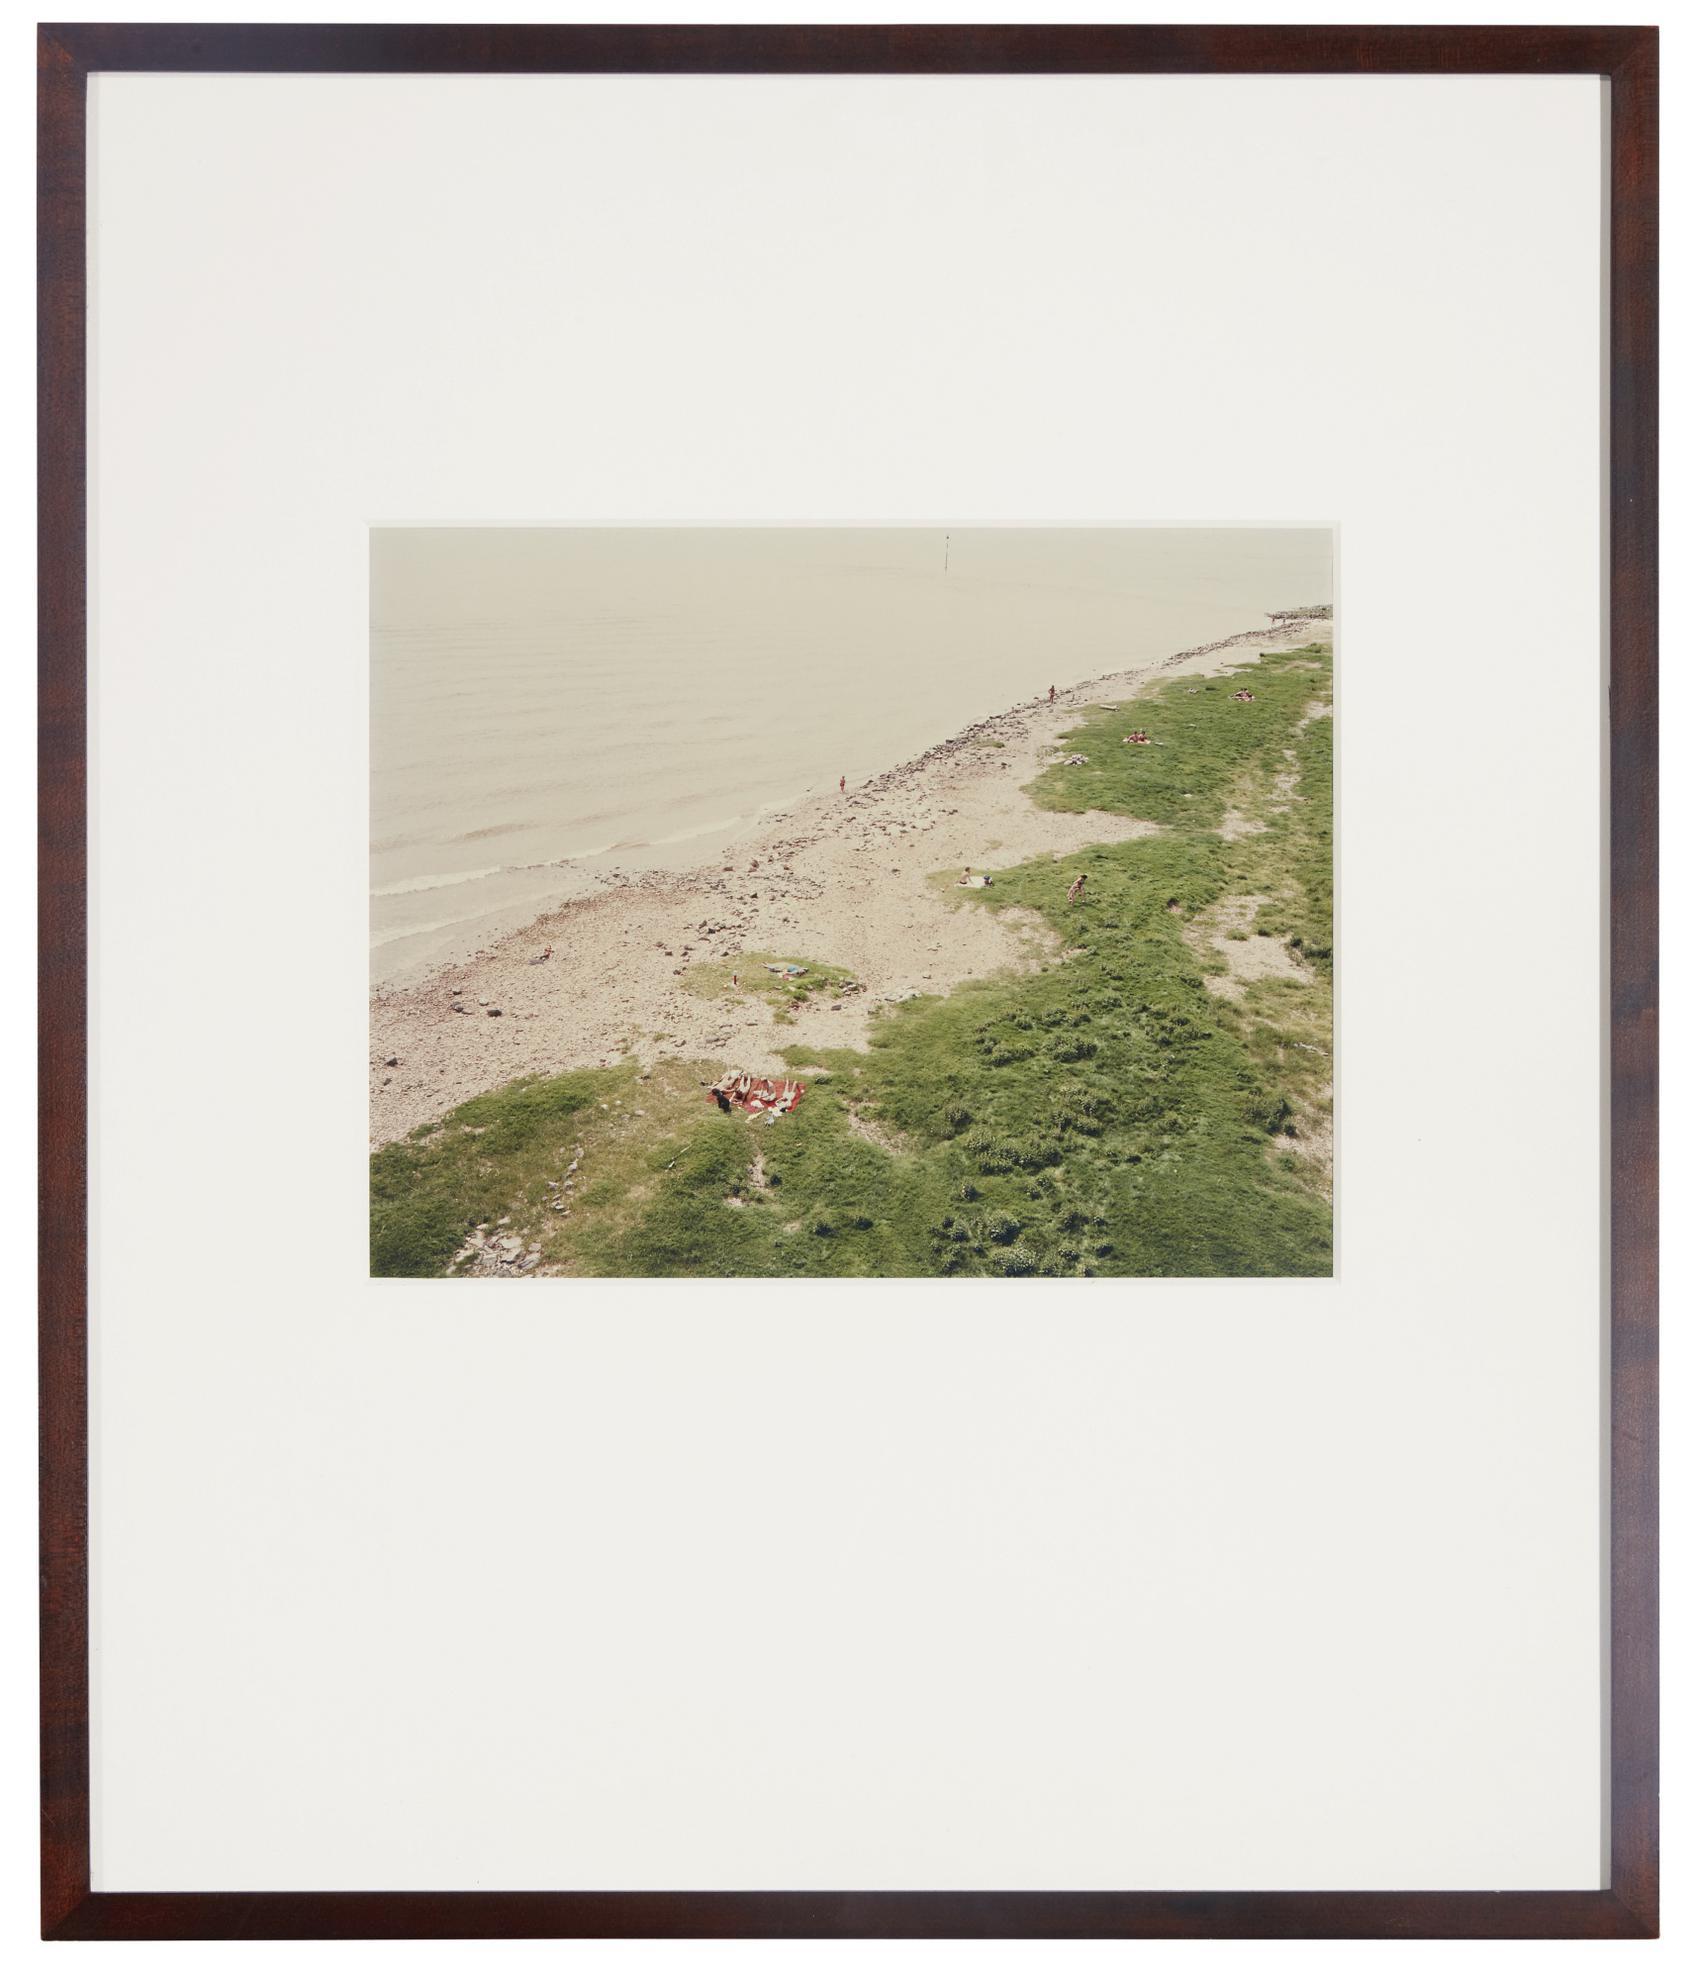 Andreas Gursky-Dusseldorf, Rhein-1985